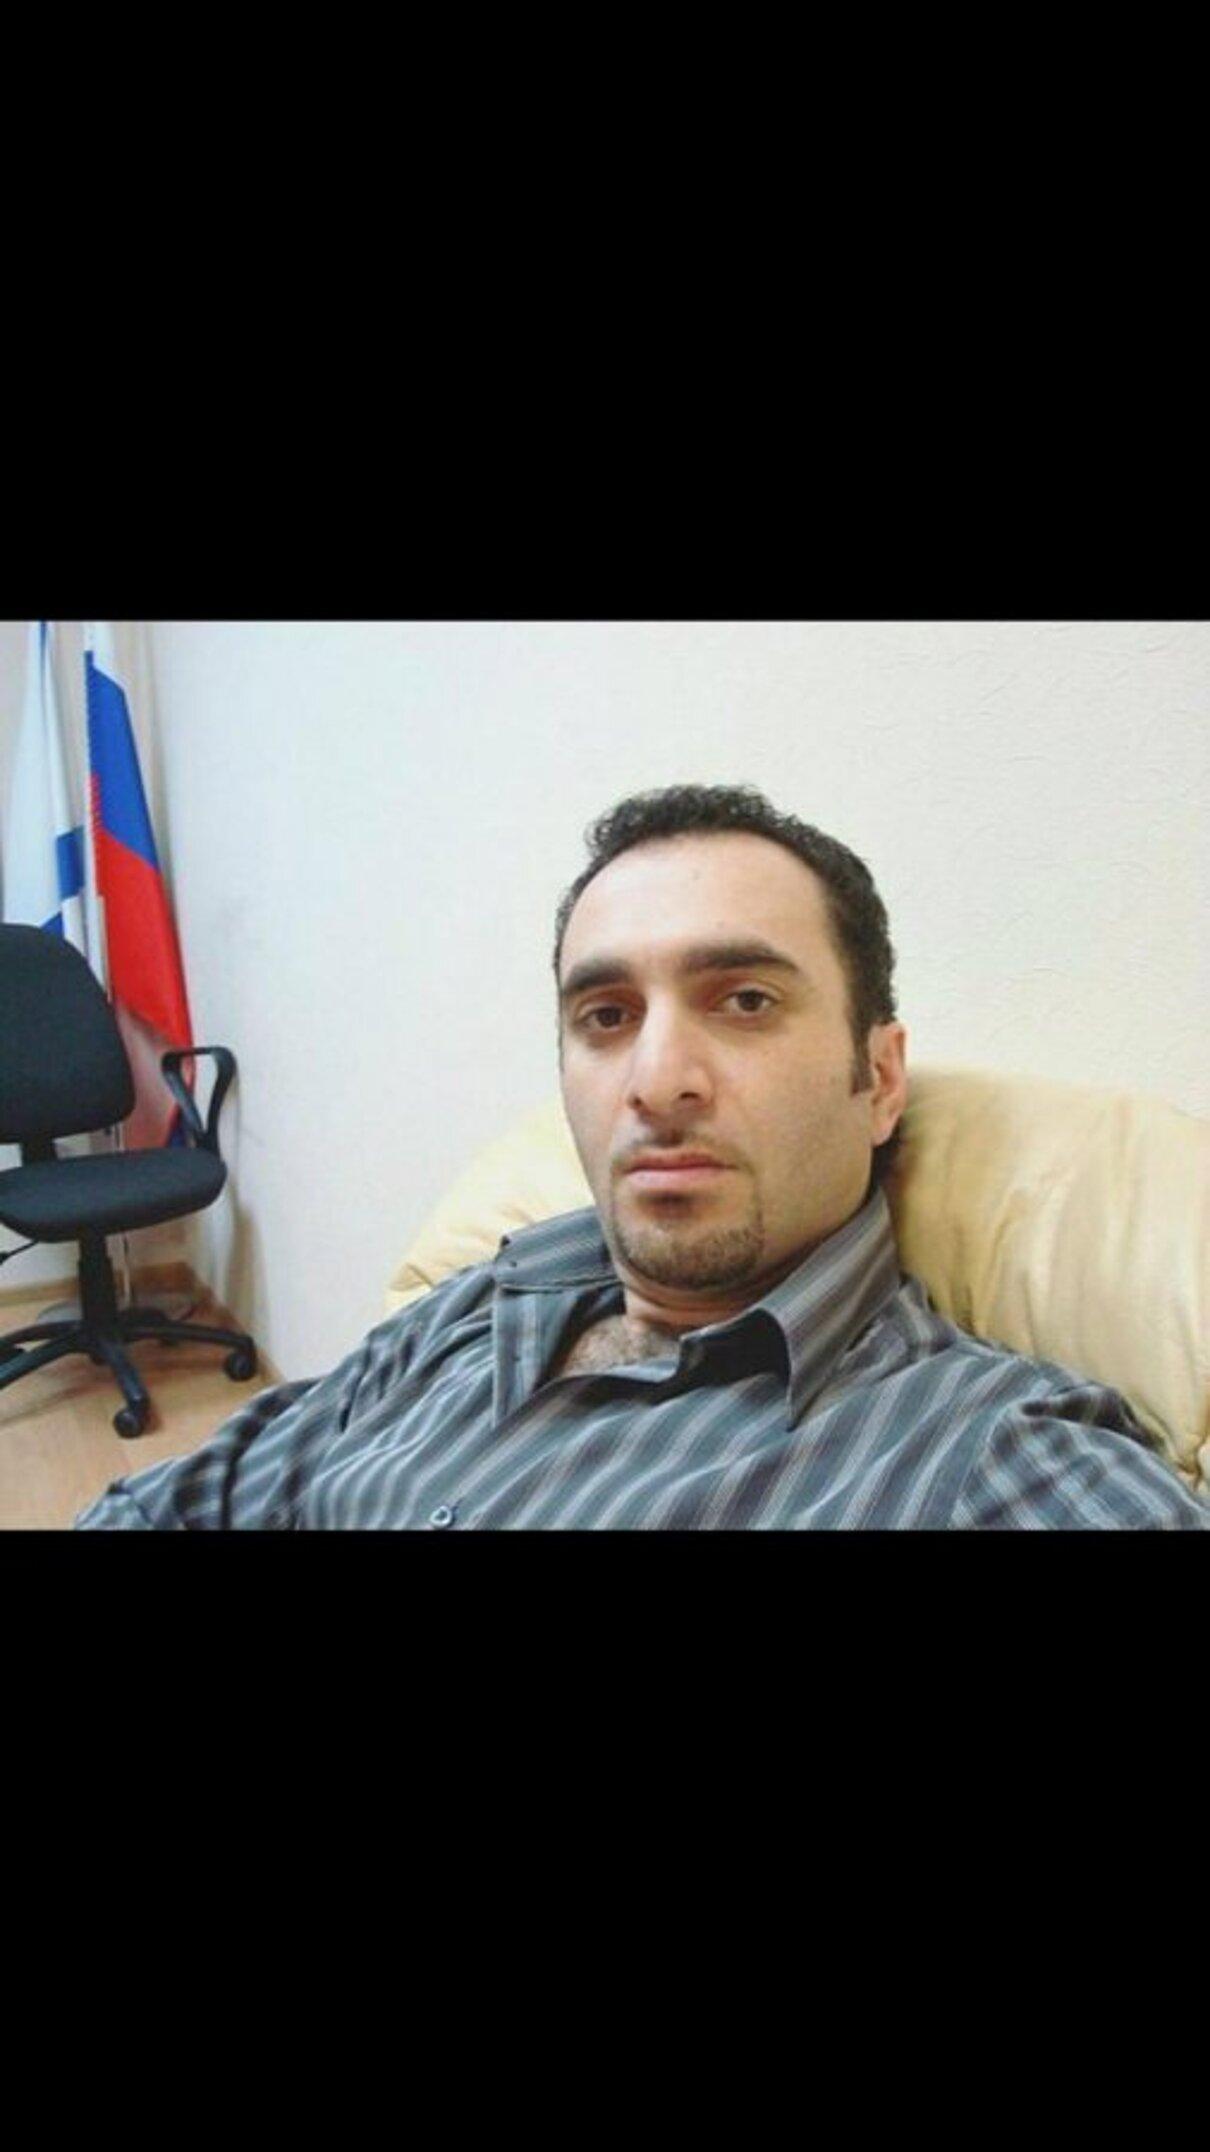 Жалоба-отзыв: Армен шахназарян - Мошенник